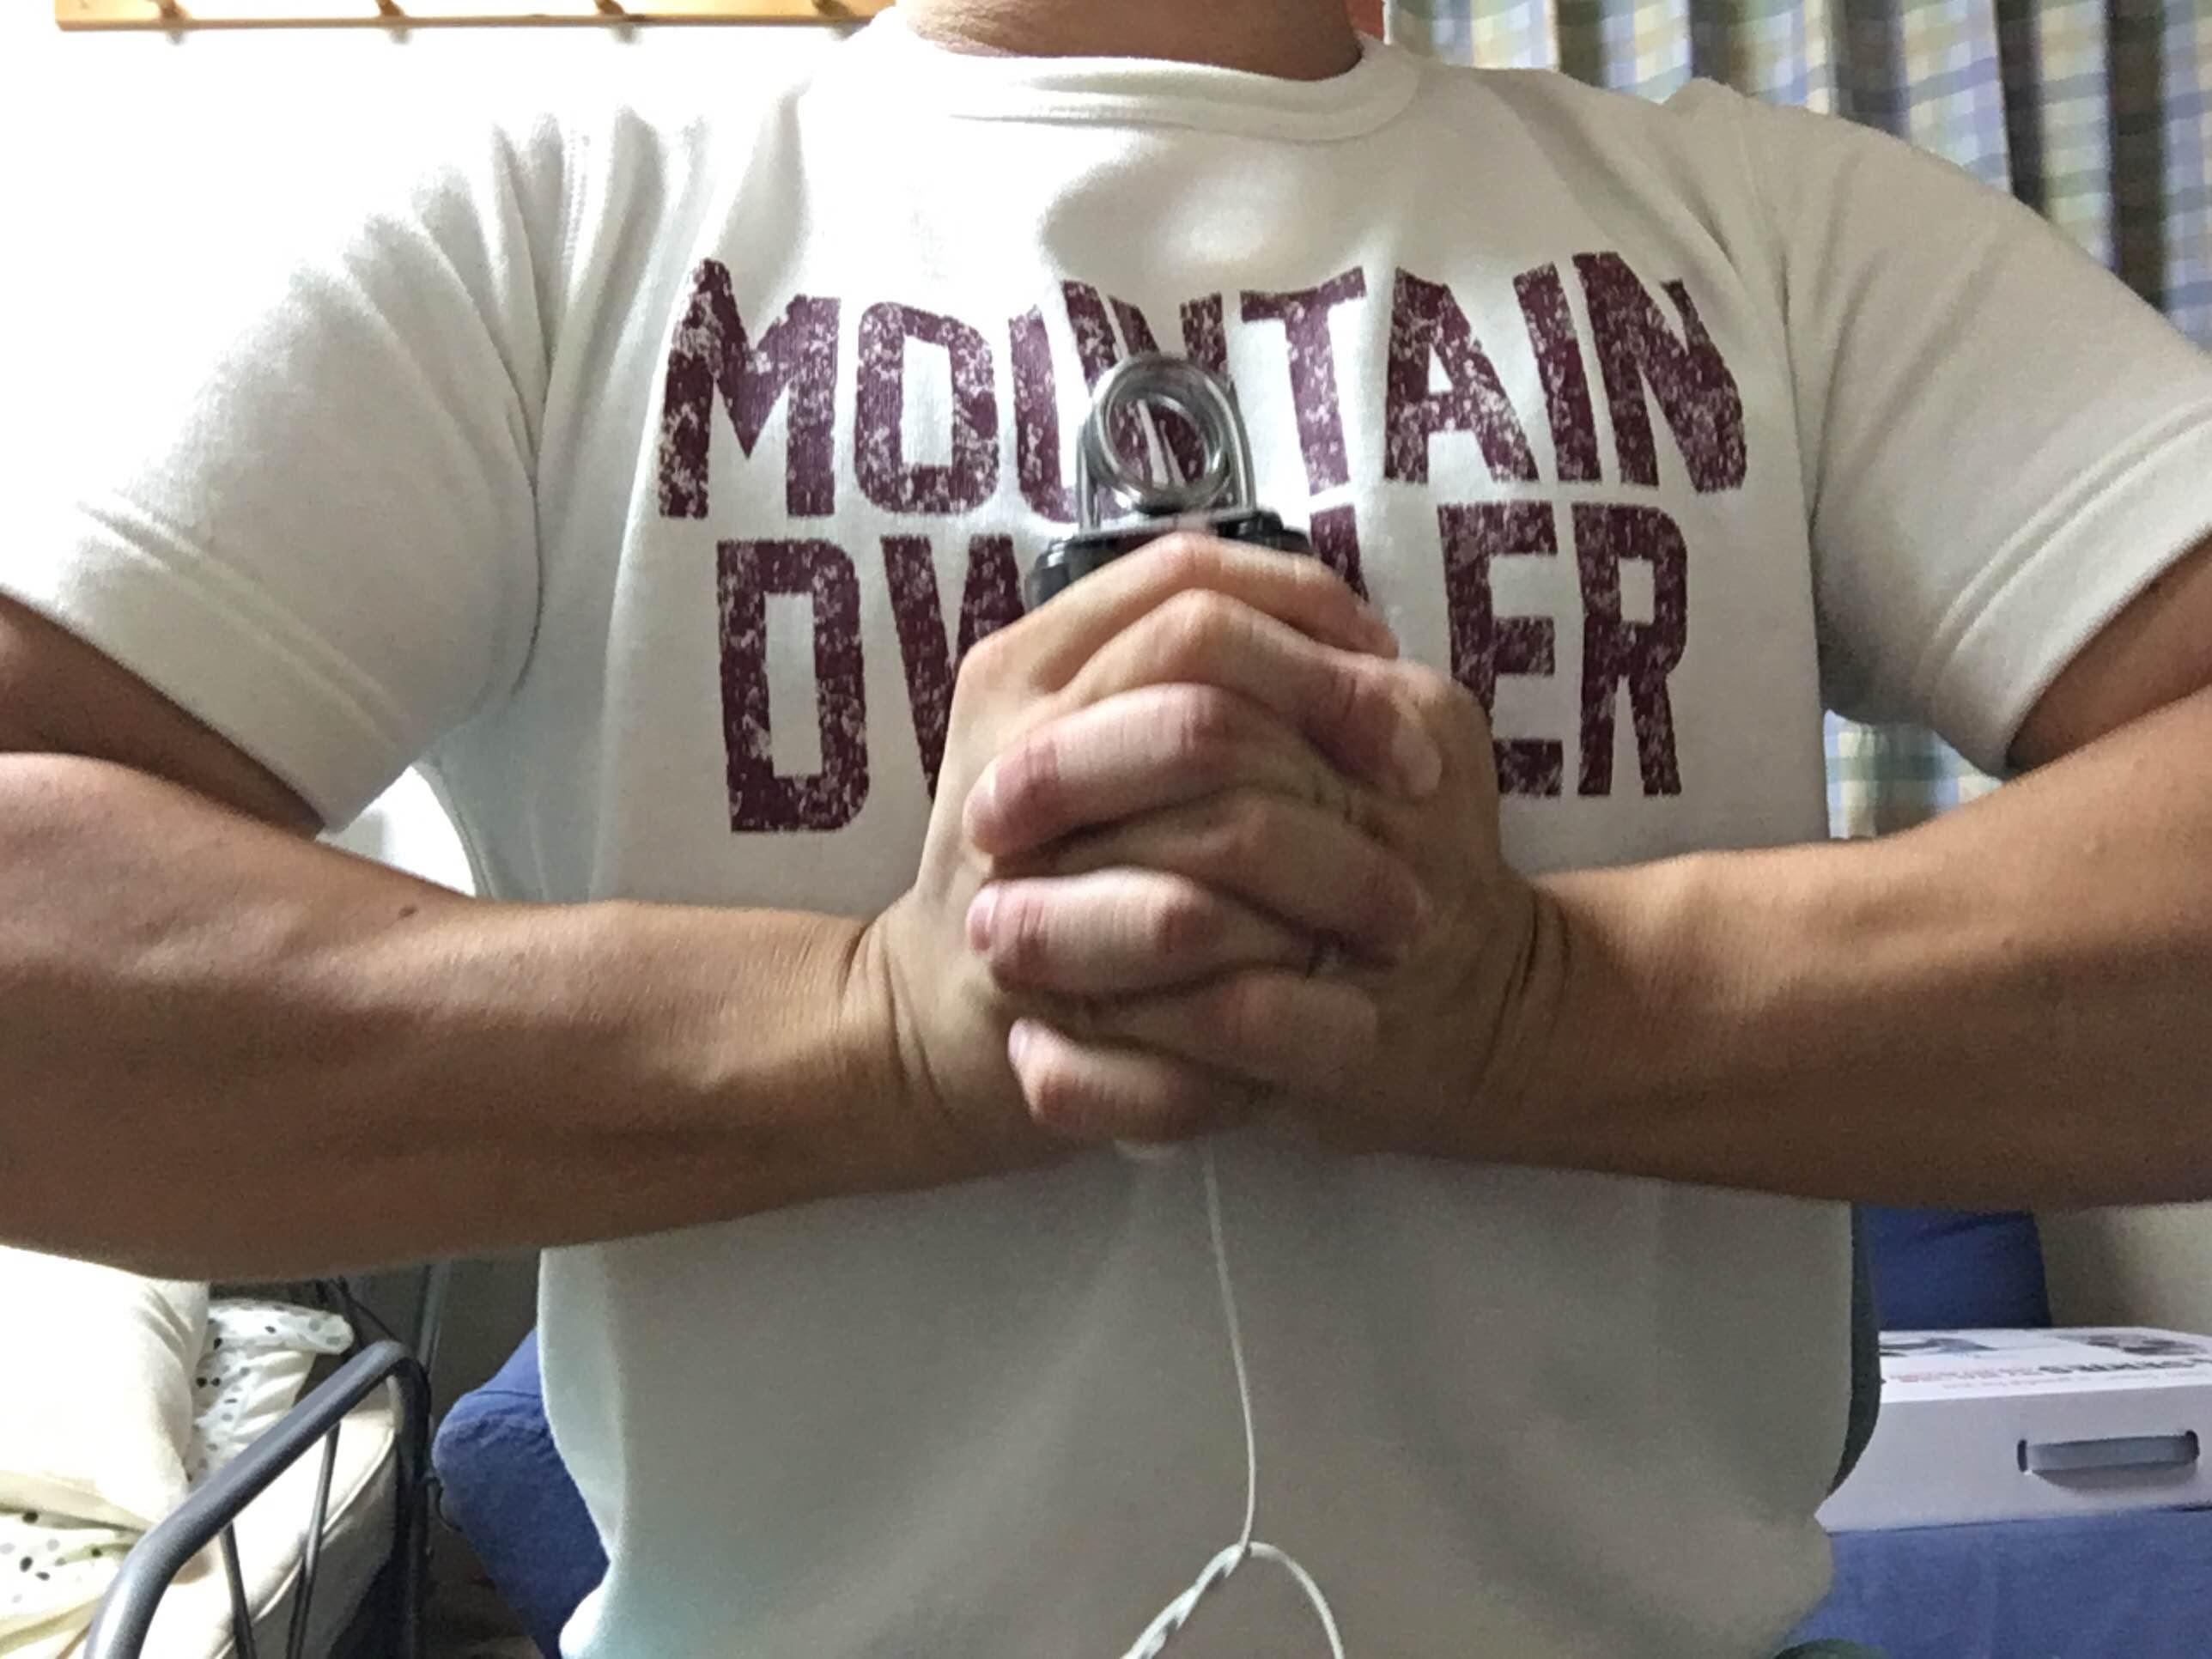 【トレーニングの補強に最適】ハンドグリップで大胸筋をどこでも最強に鍛える方法